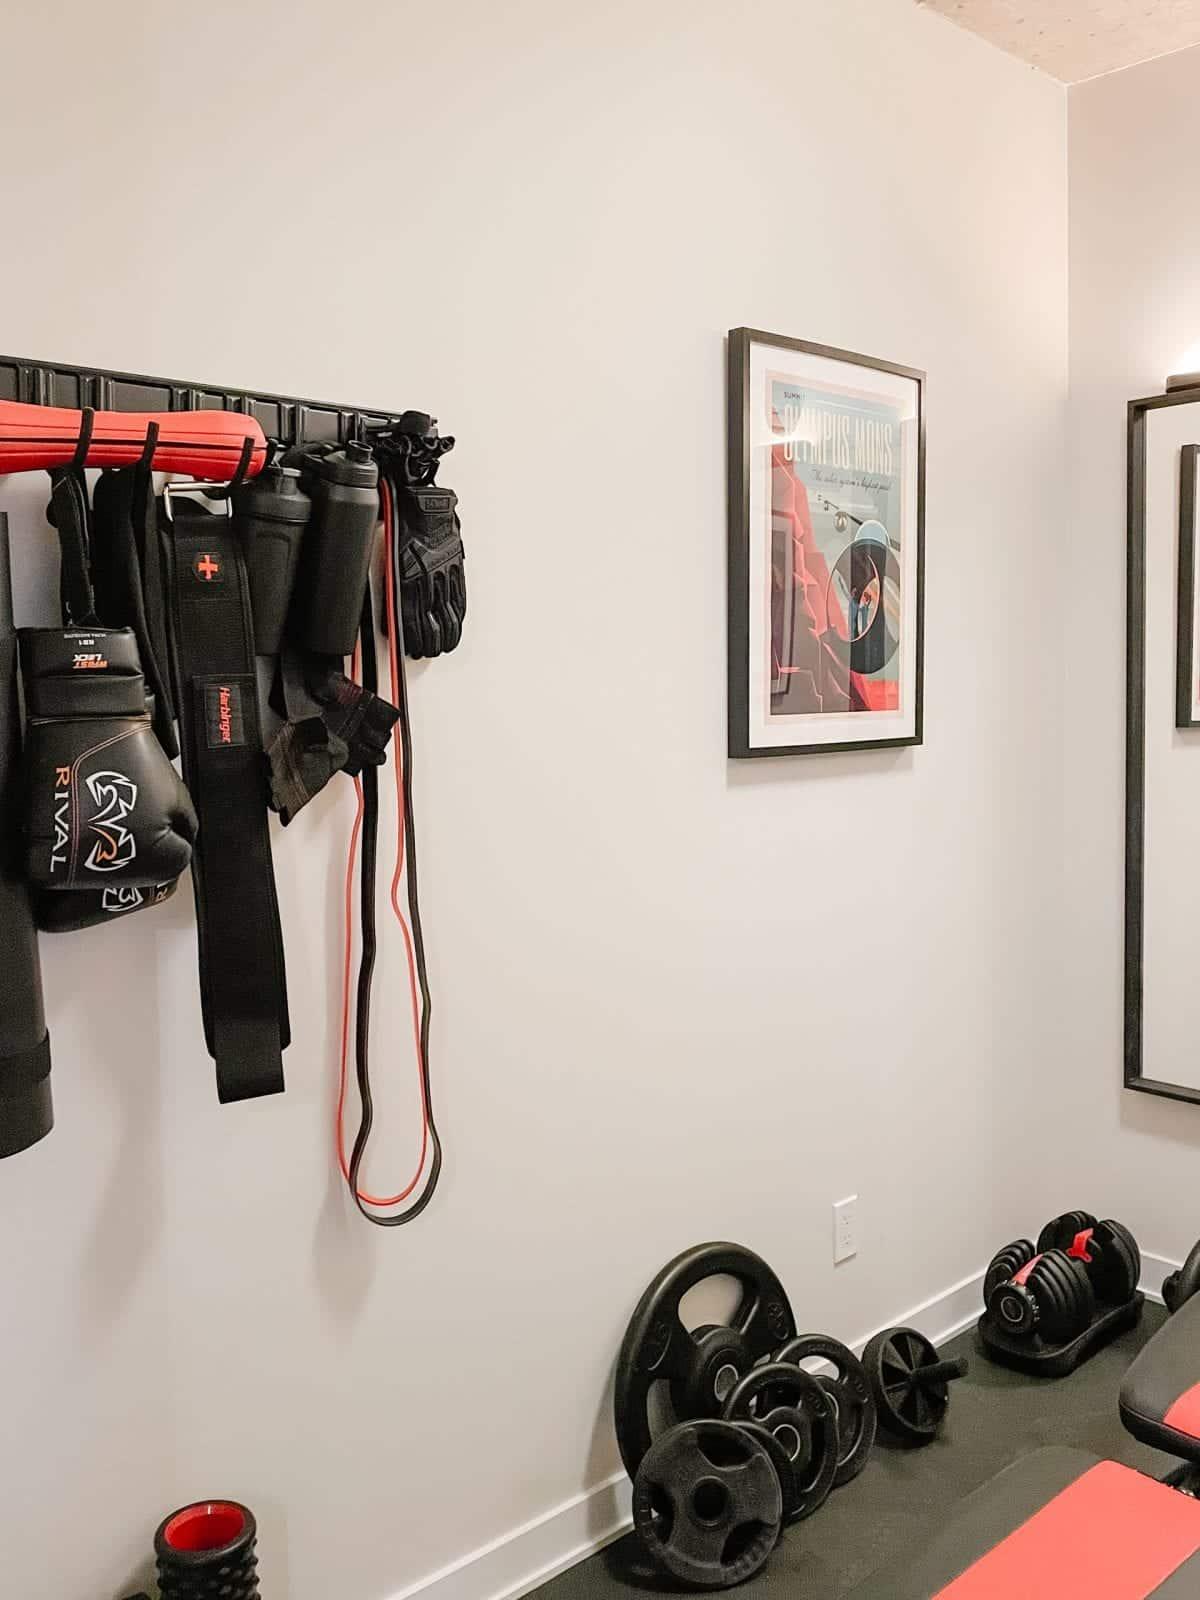 Condo Tour - Den converted into gym